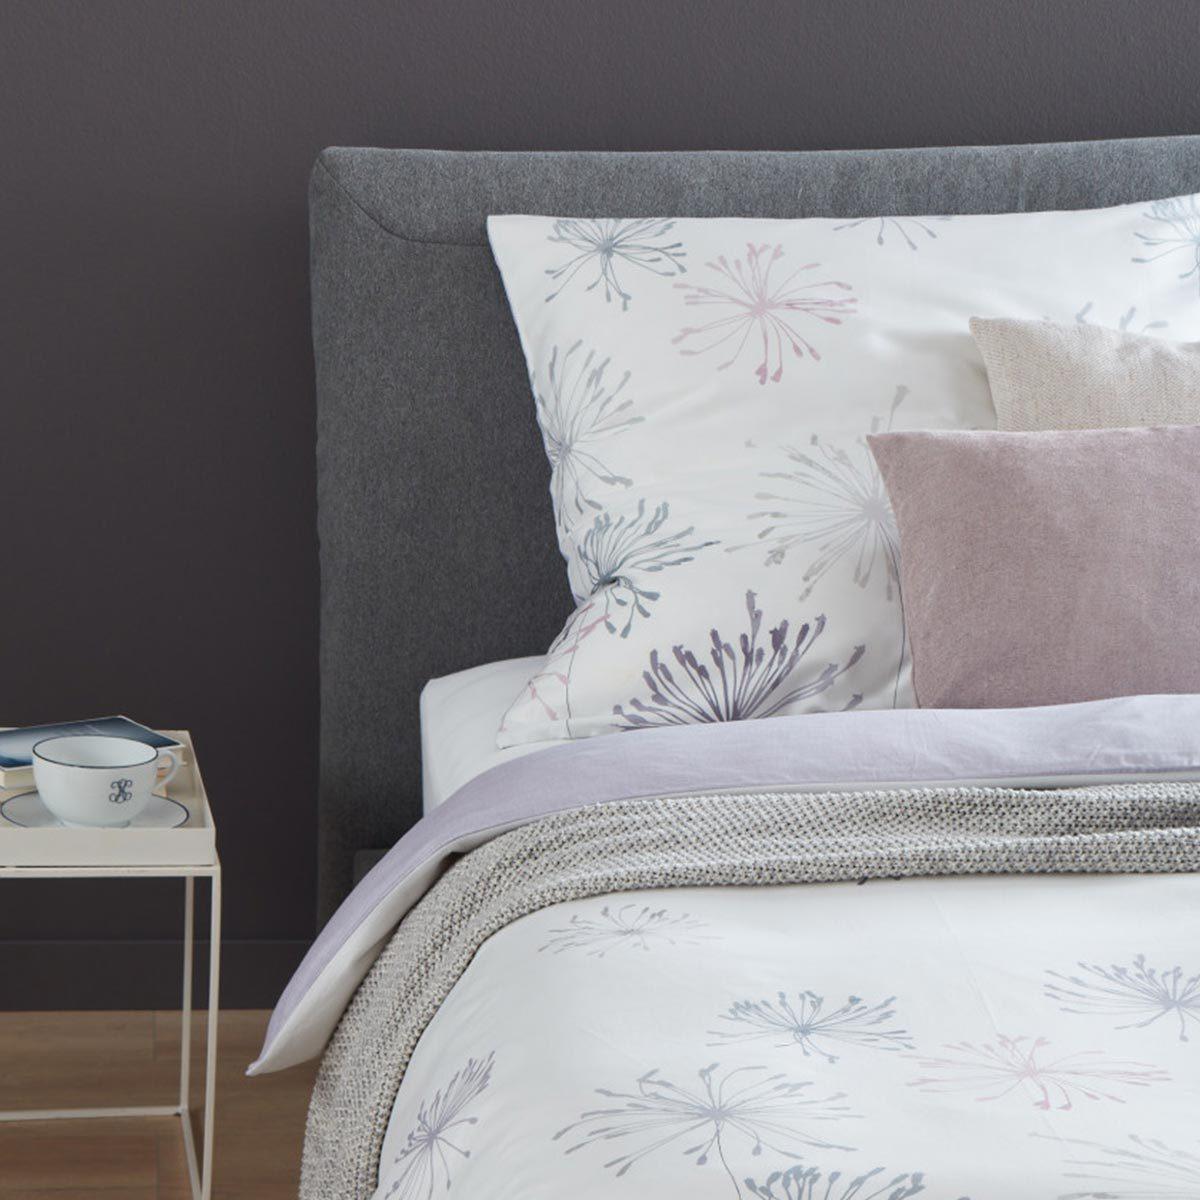 sch ner wohnen mako satin wendebettw sche marge b rose g nstig online kaufen bei bettwaren shop. Black Bedroom Furniture Sets. Home Design Ideas